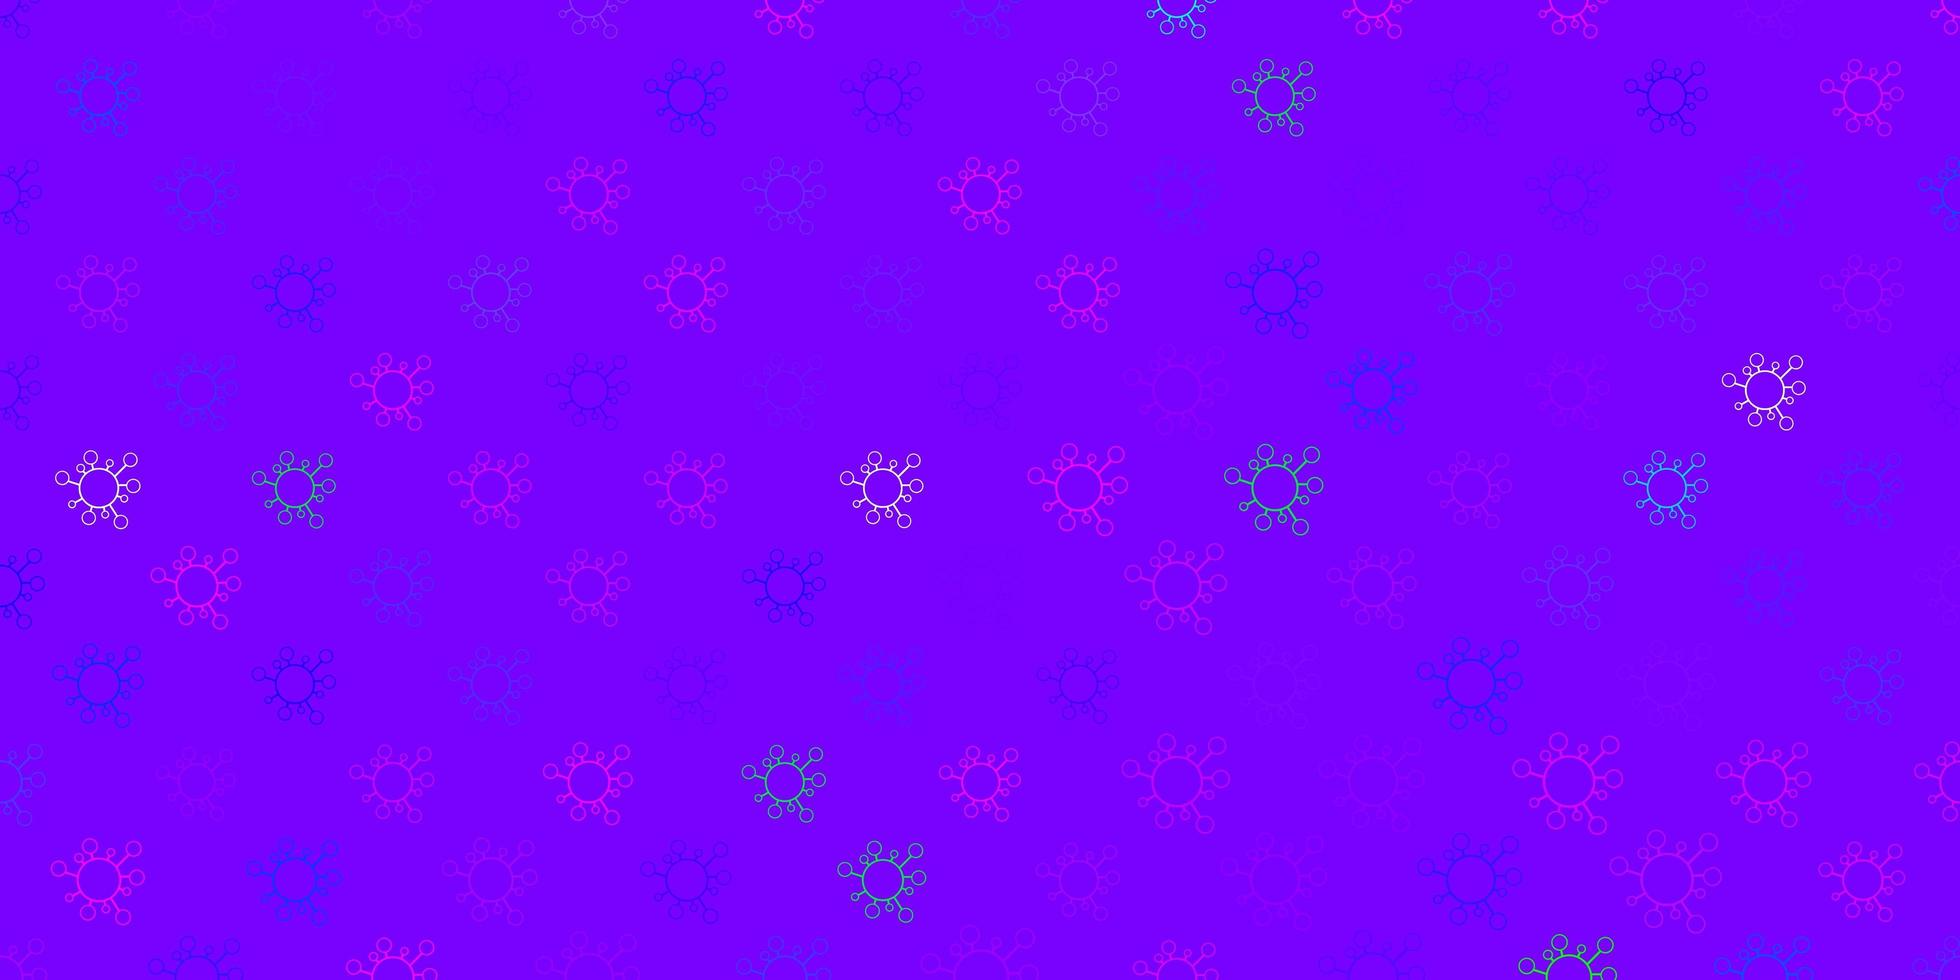 patrón de vector rosa oscuro, azul con elementos de coronavirus.